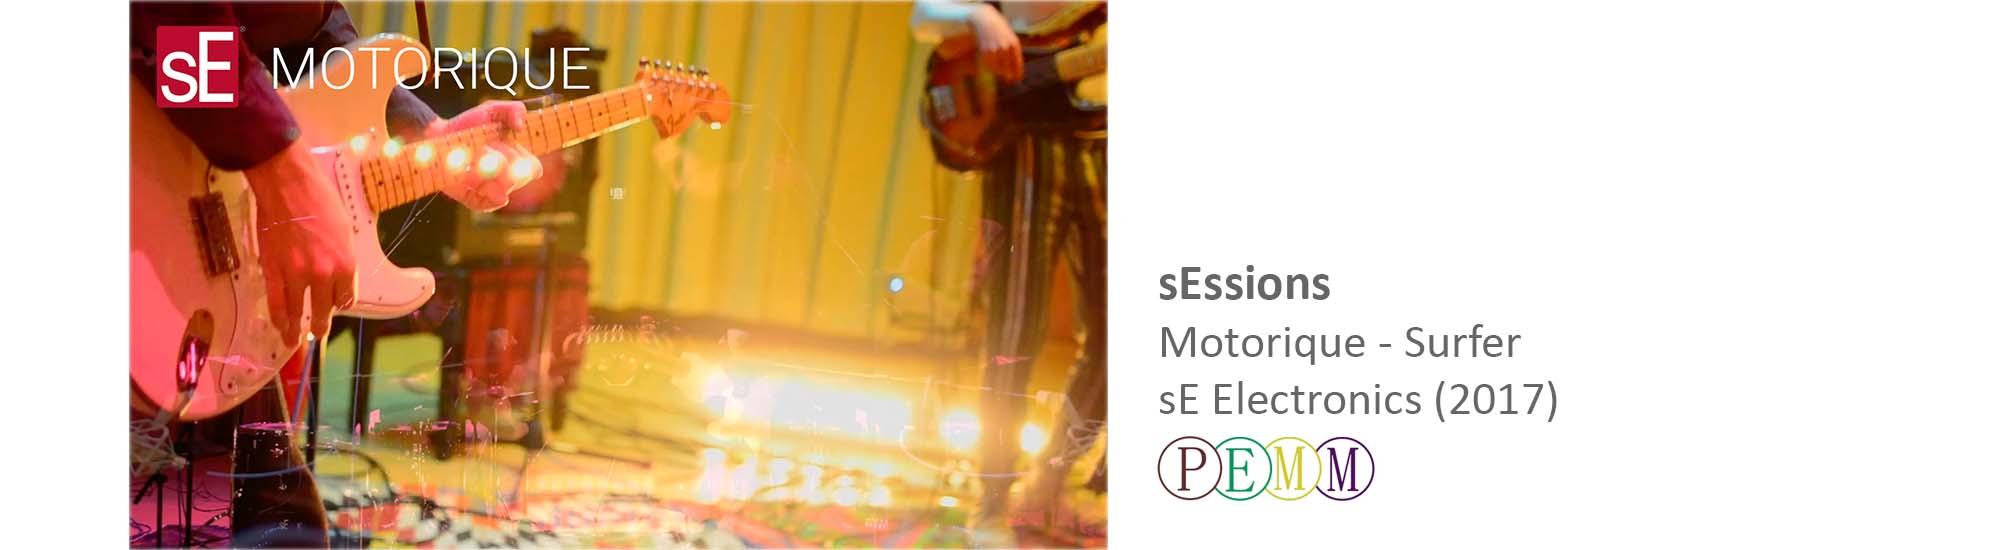 frederik brandt jakobsen motorique surfer live sessions se electronics rupert neve designs rnr1 v7 4400a T2